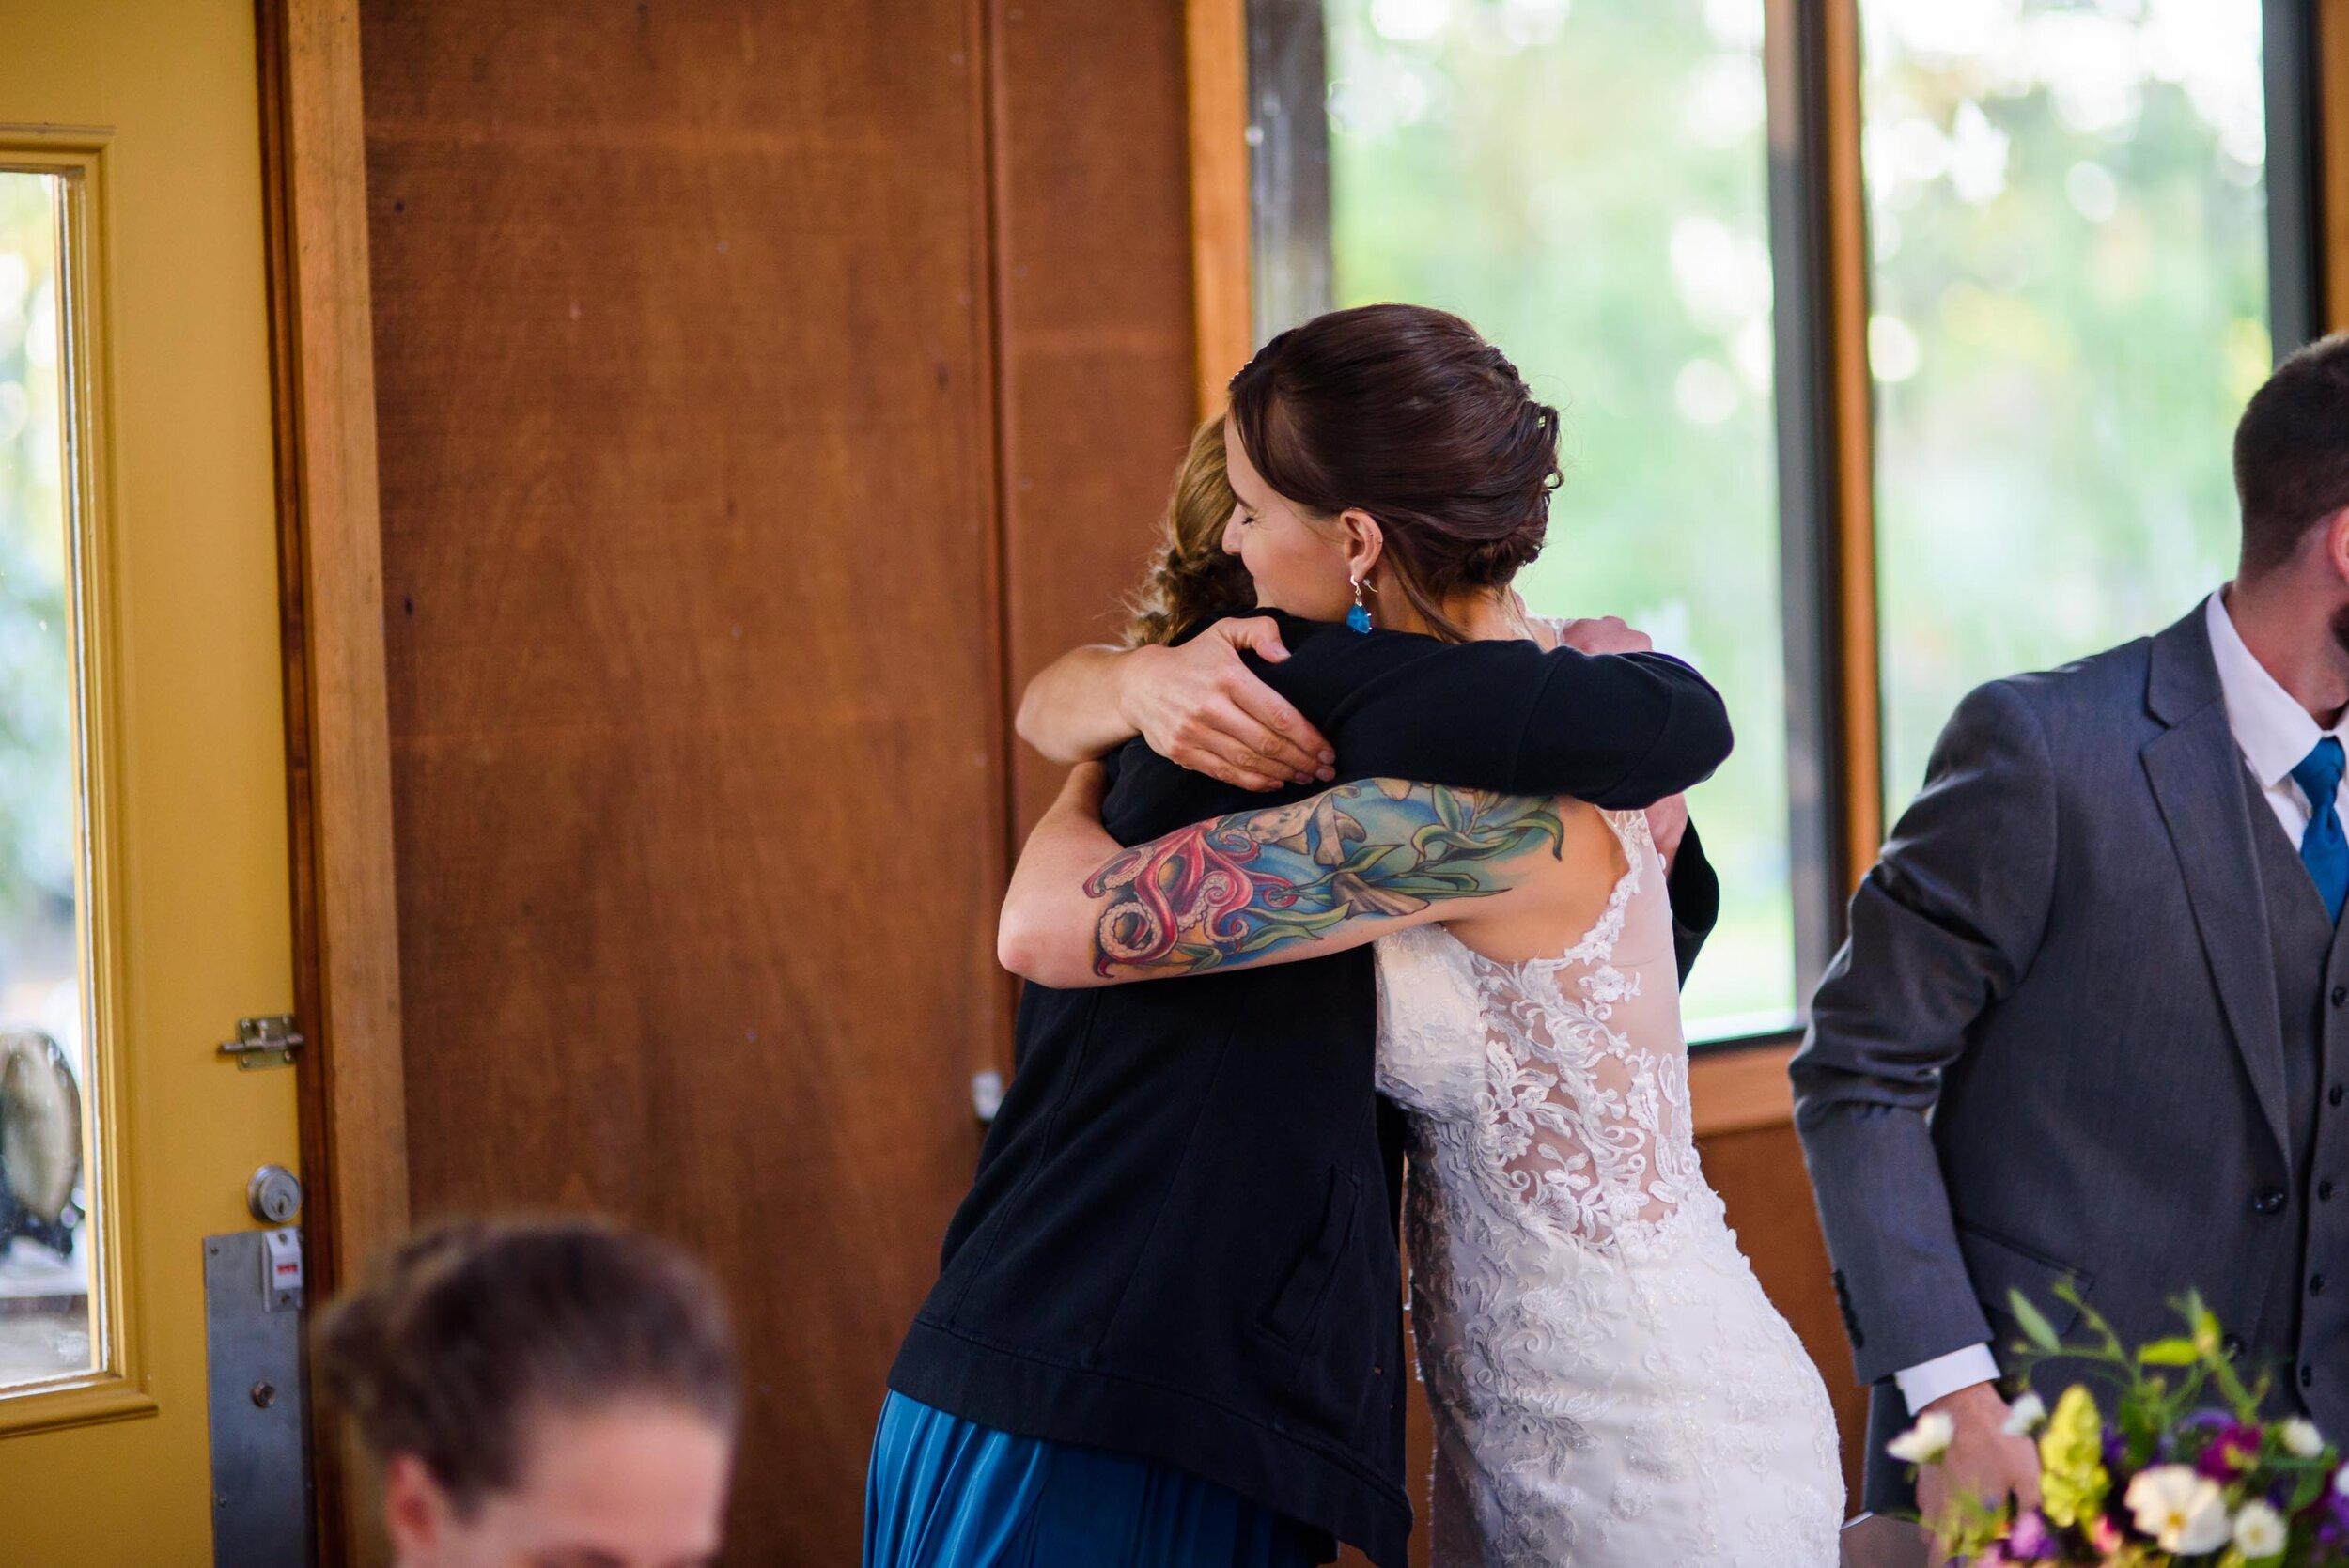 Mt. Pisgah Arboretum wedding photos 102.JPG